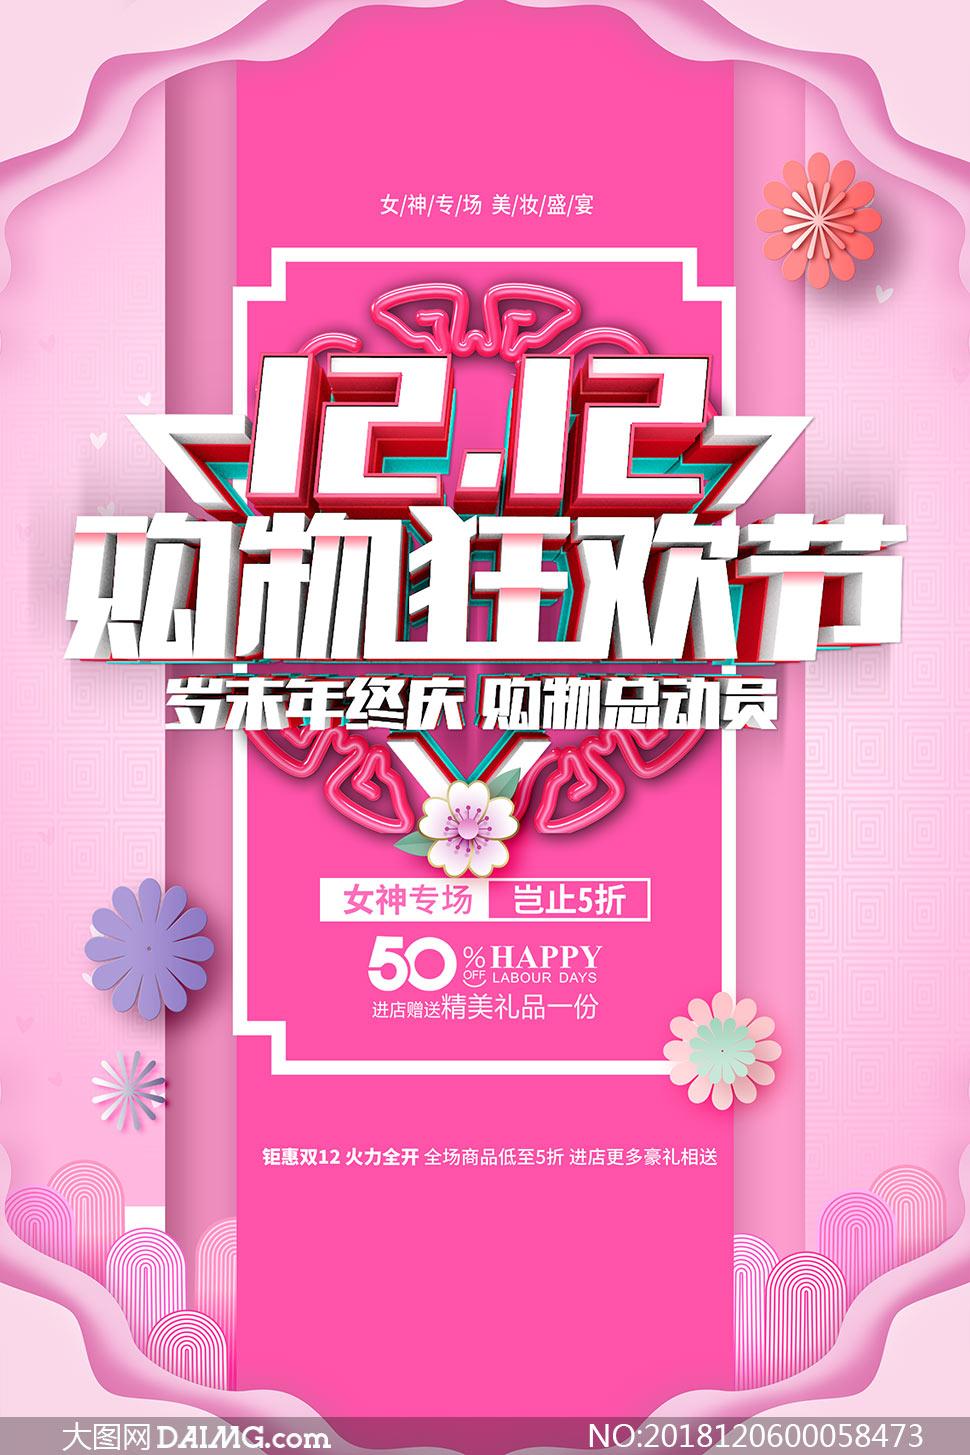 双12购物狂欢节女神专场海报psd素材图片